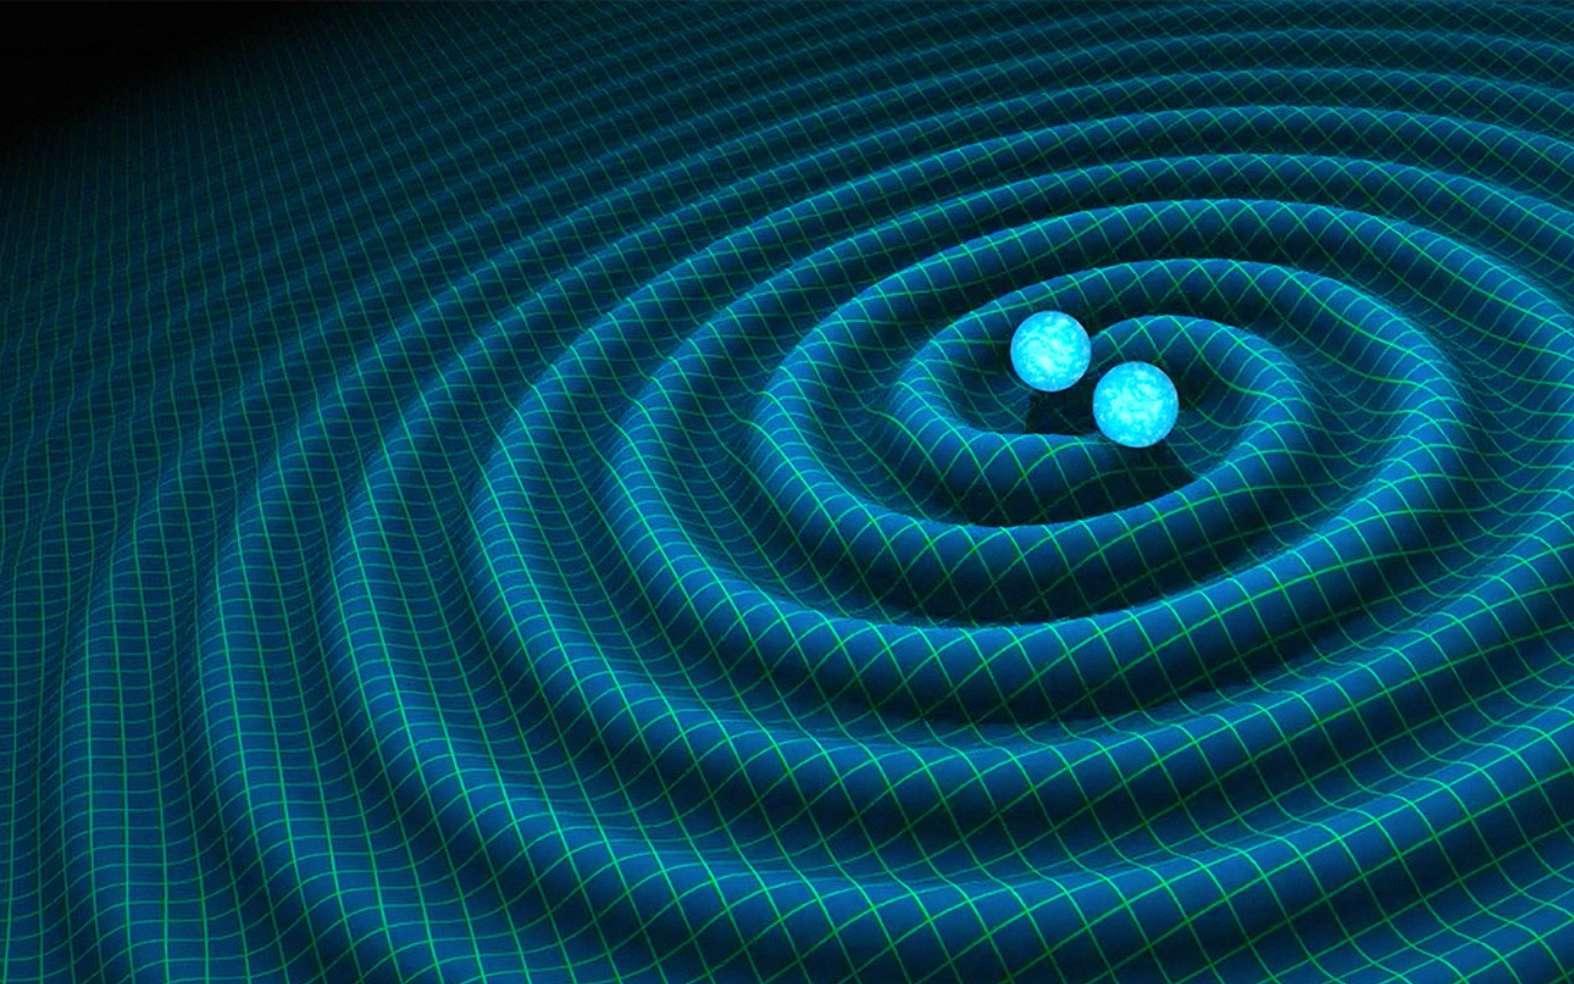 Une représentation d'artiste d'ondes gravitationnelles se propageant dans le tissu de l'espace-temps et rayonnées par un couple d'étoiles à neutrons spiralant l'un vers l'autre en perdant de l'énergie suite à l'émission de ces ondes. © R. Hurt Caltech-JPL